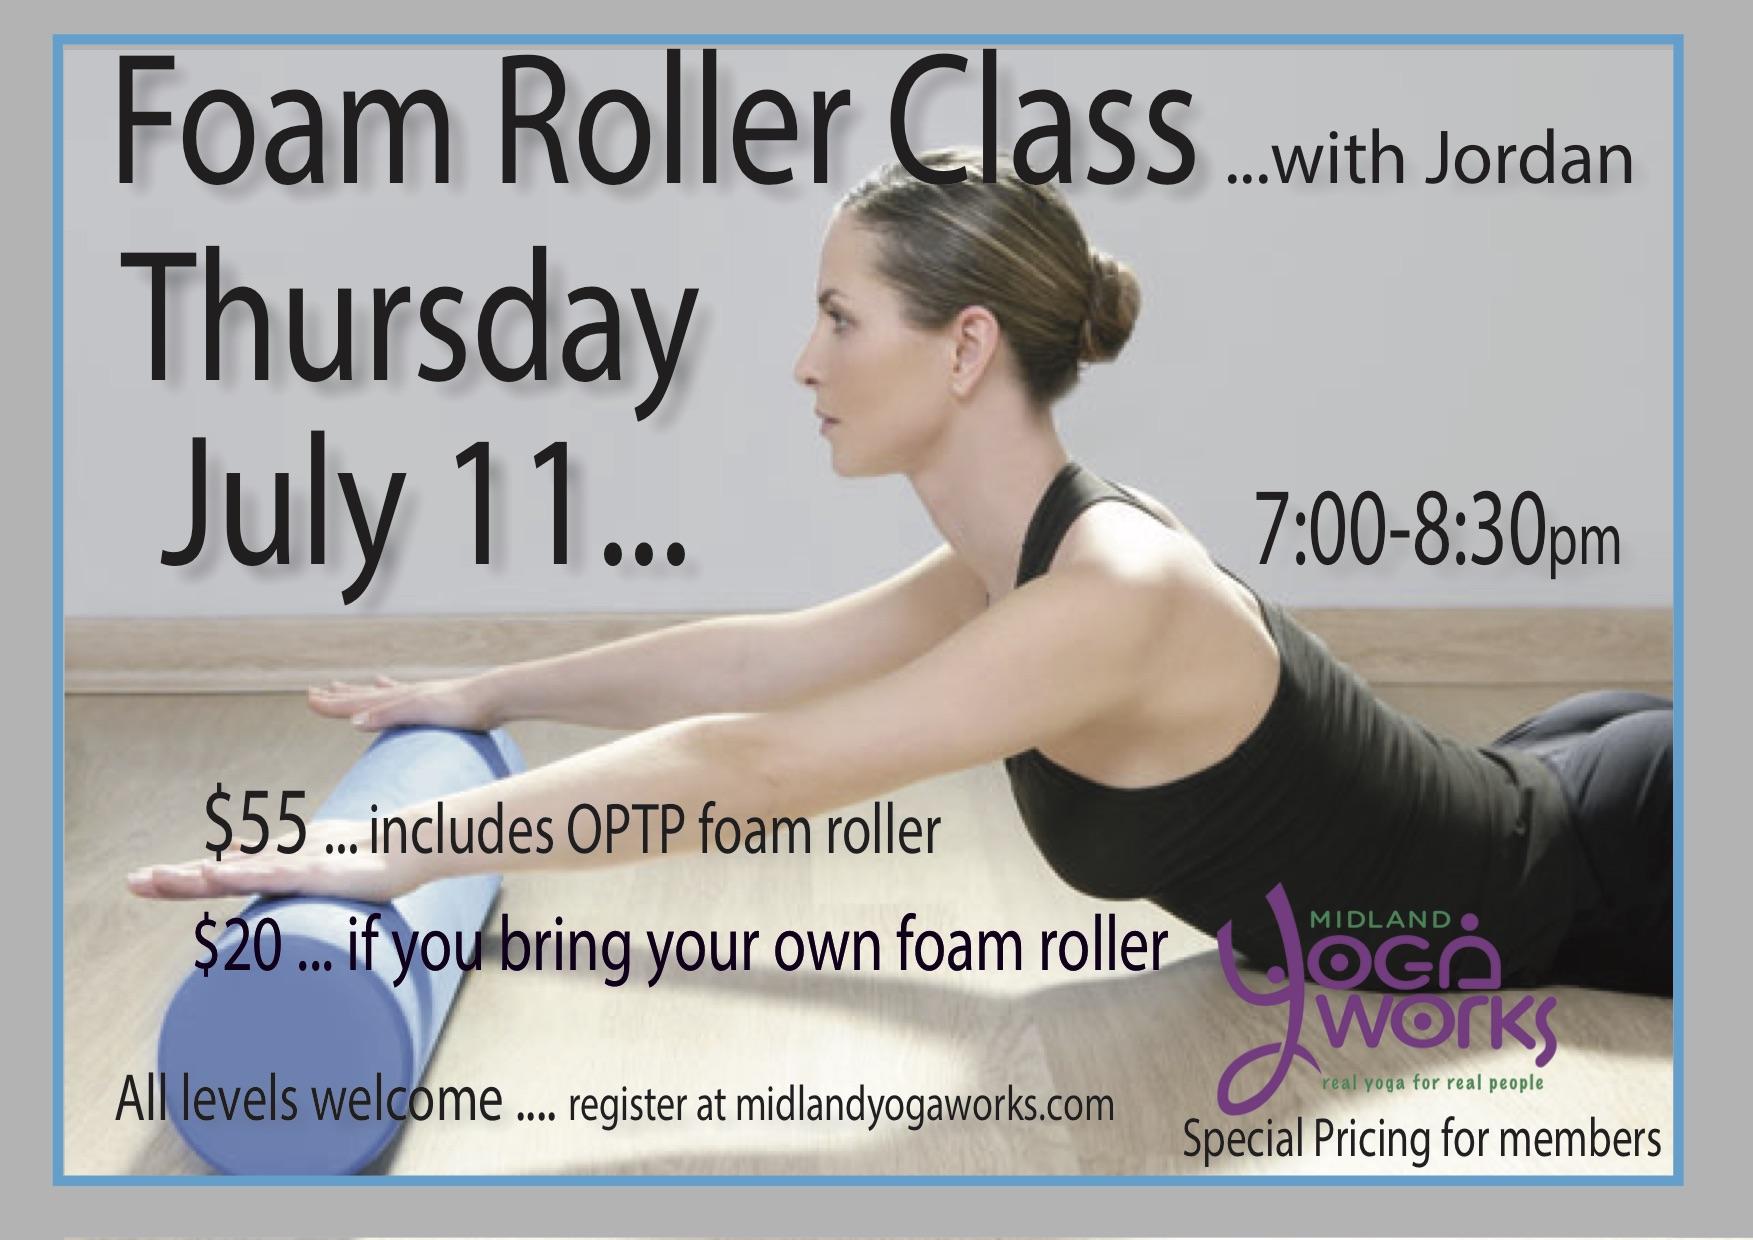 foam roller class copy.jpg